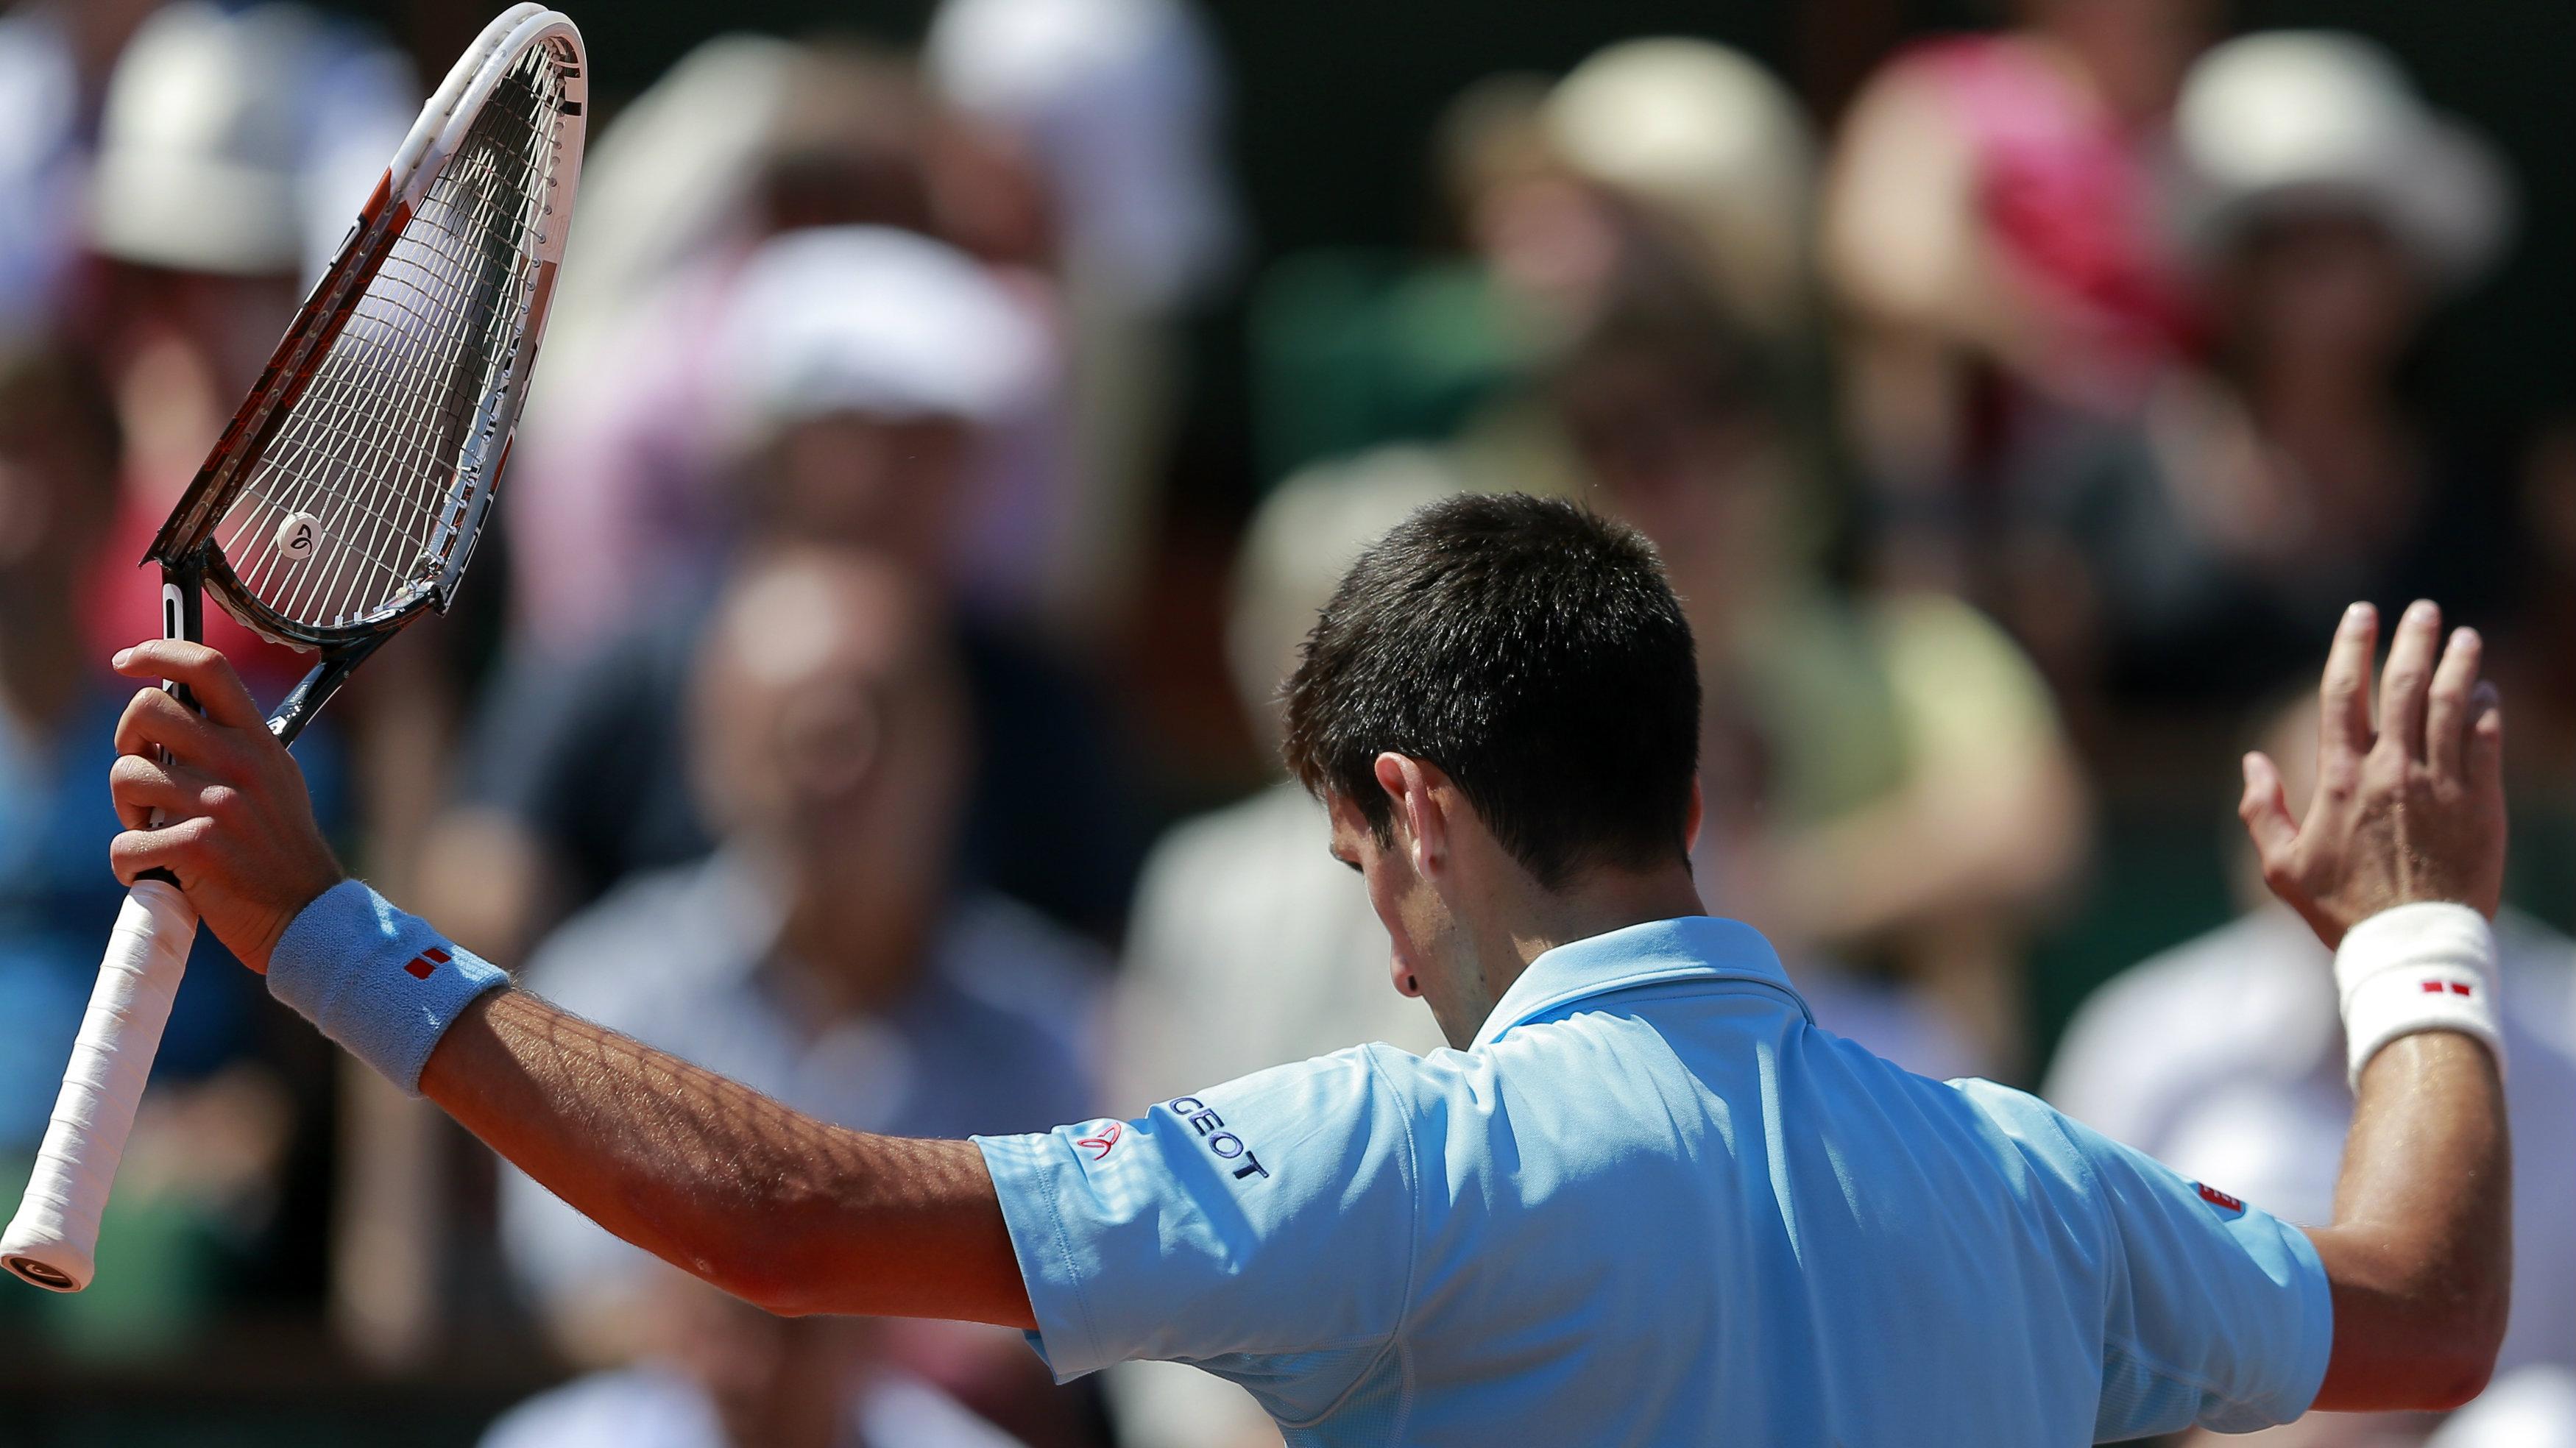 tennis player with broken racket